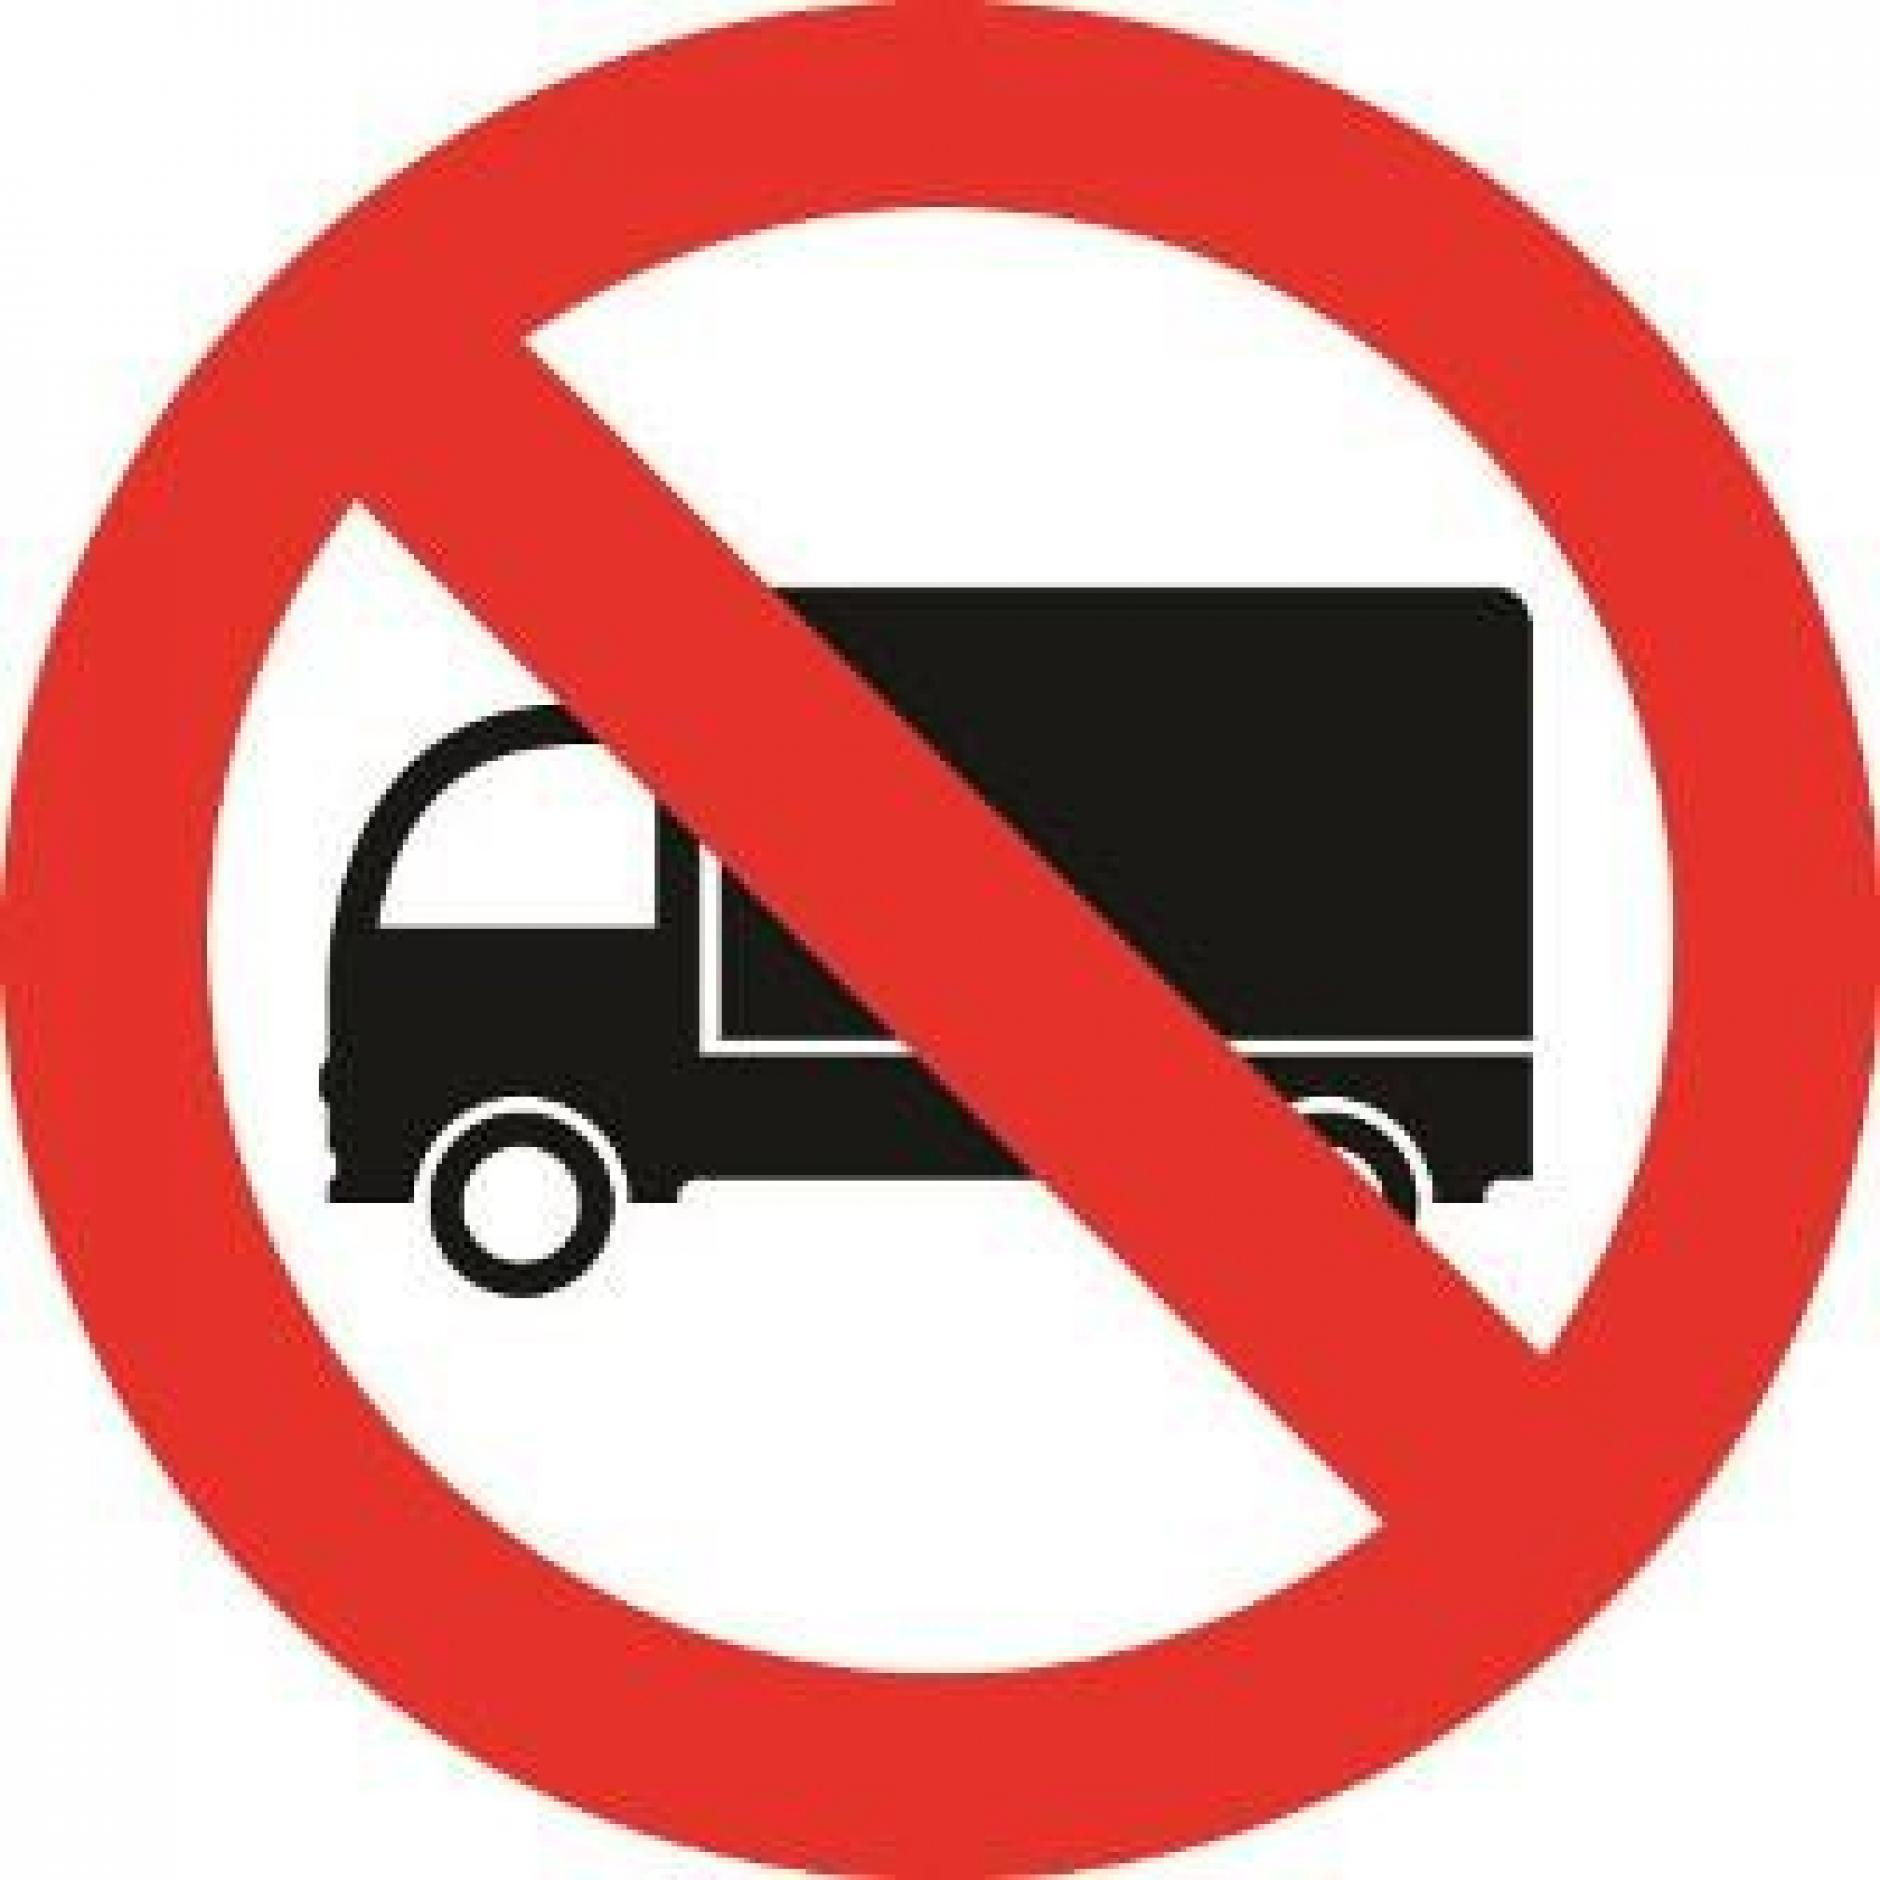 A4 truck parking ban.